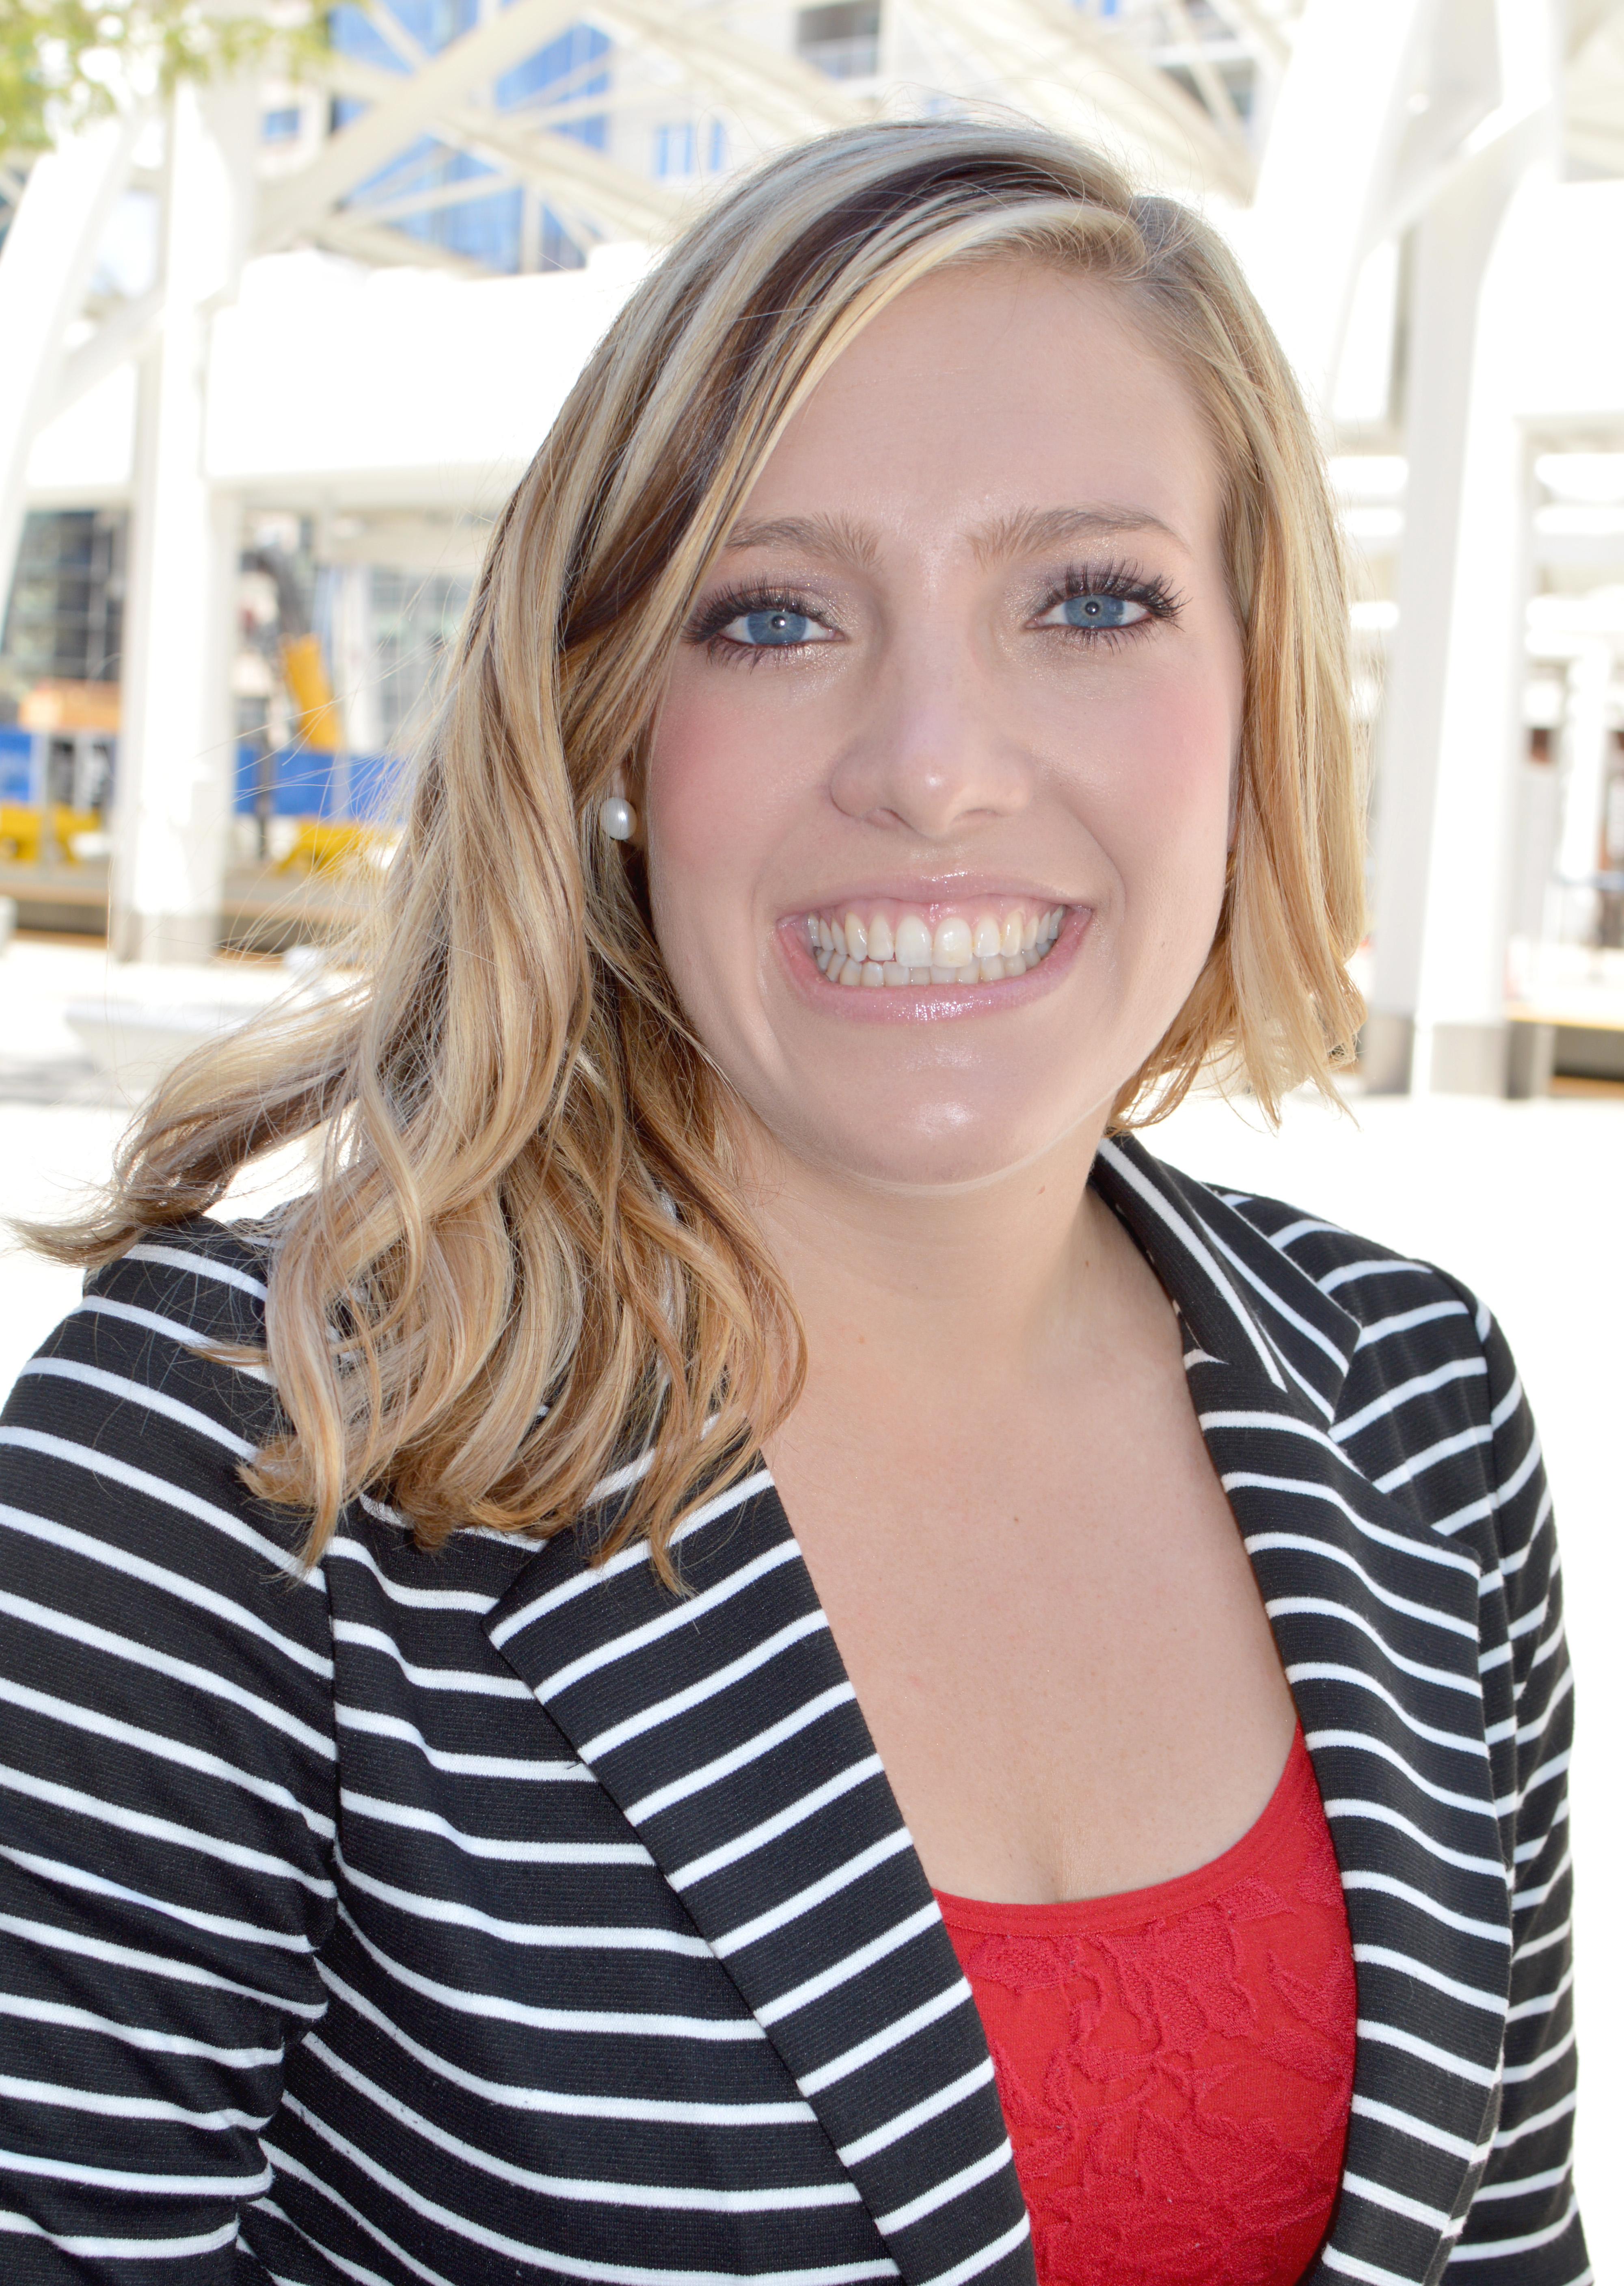 Cassie Nesmith